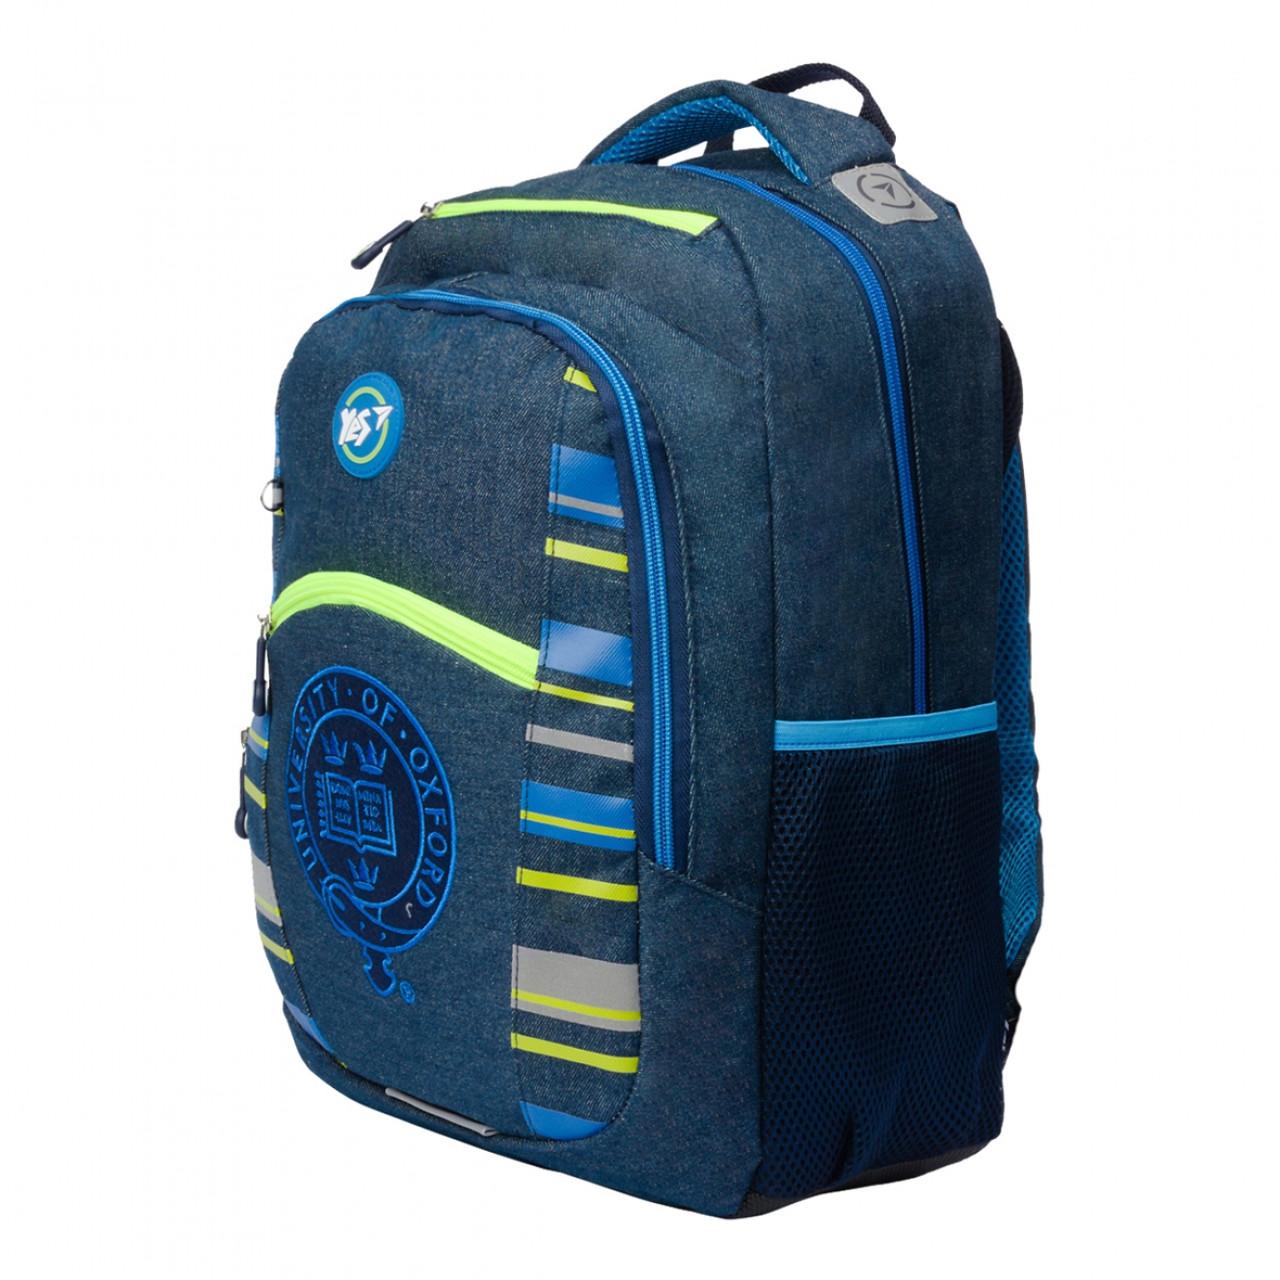 Рюкзак шкільний YES S-28 Oxford (558162)